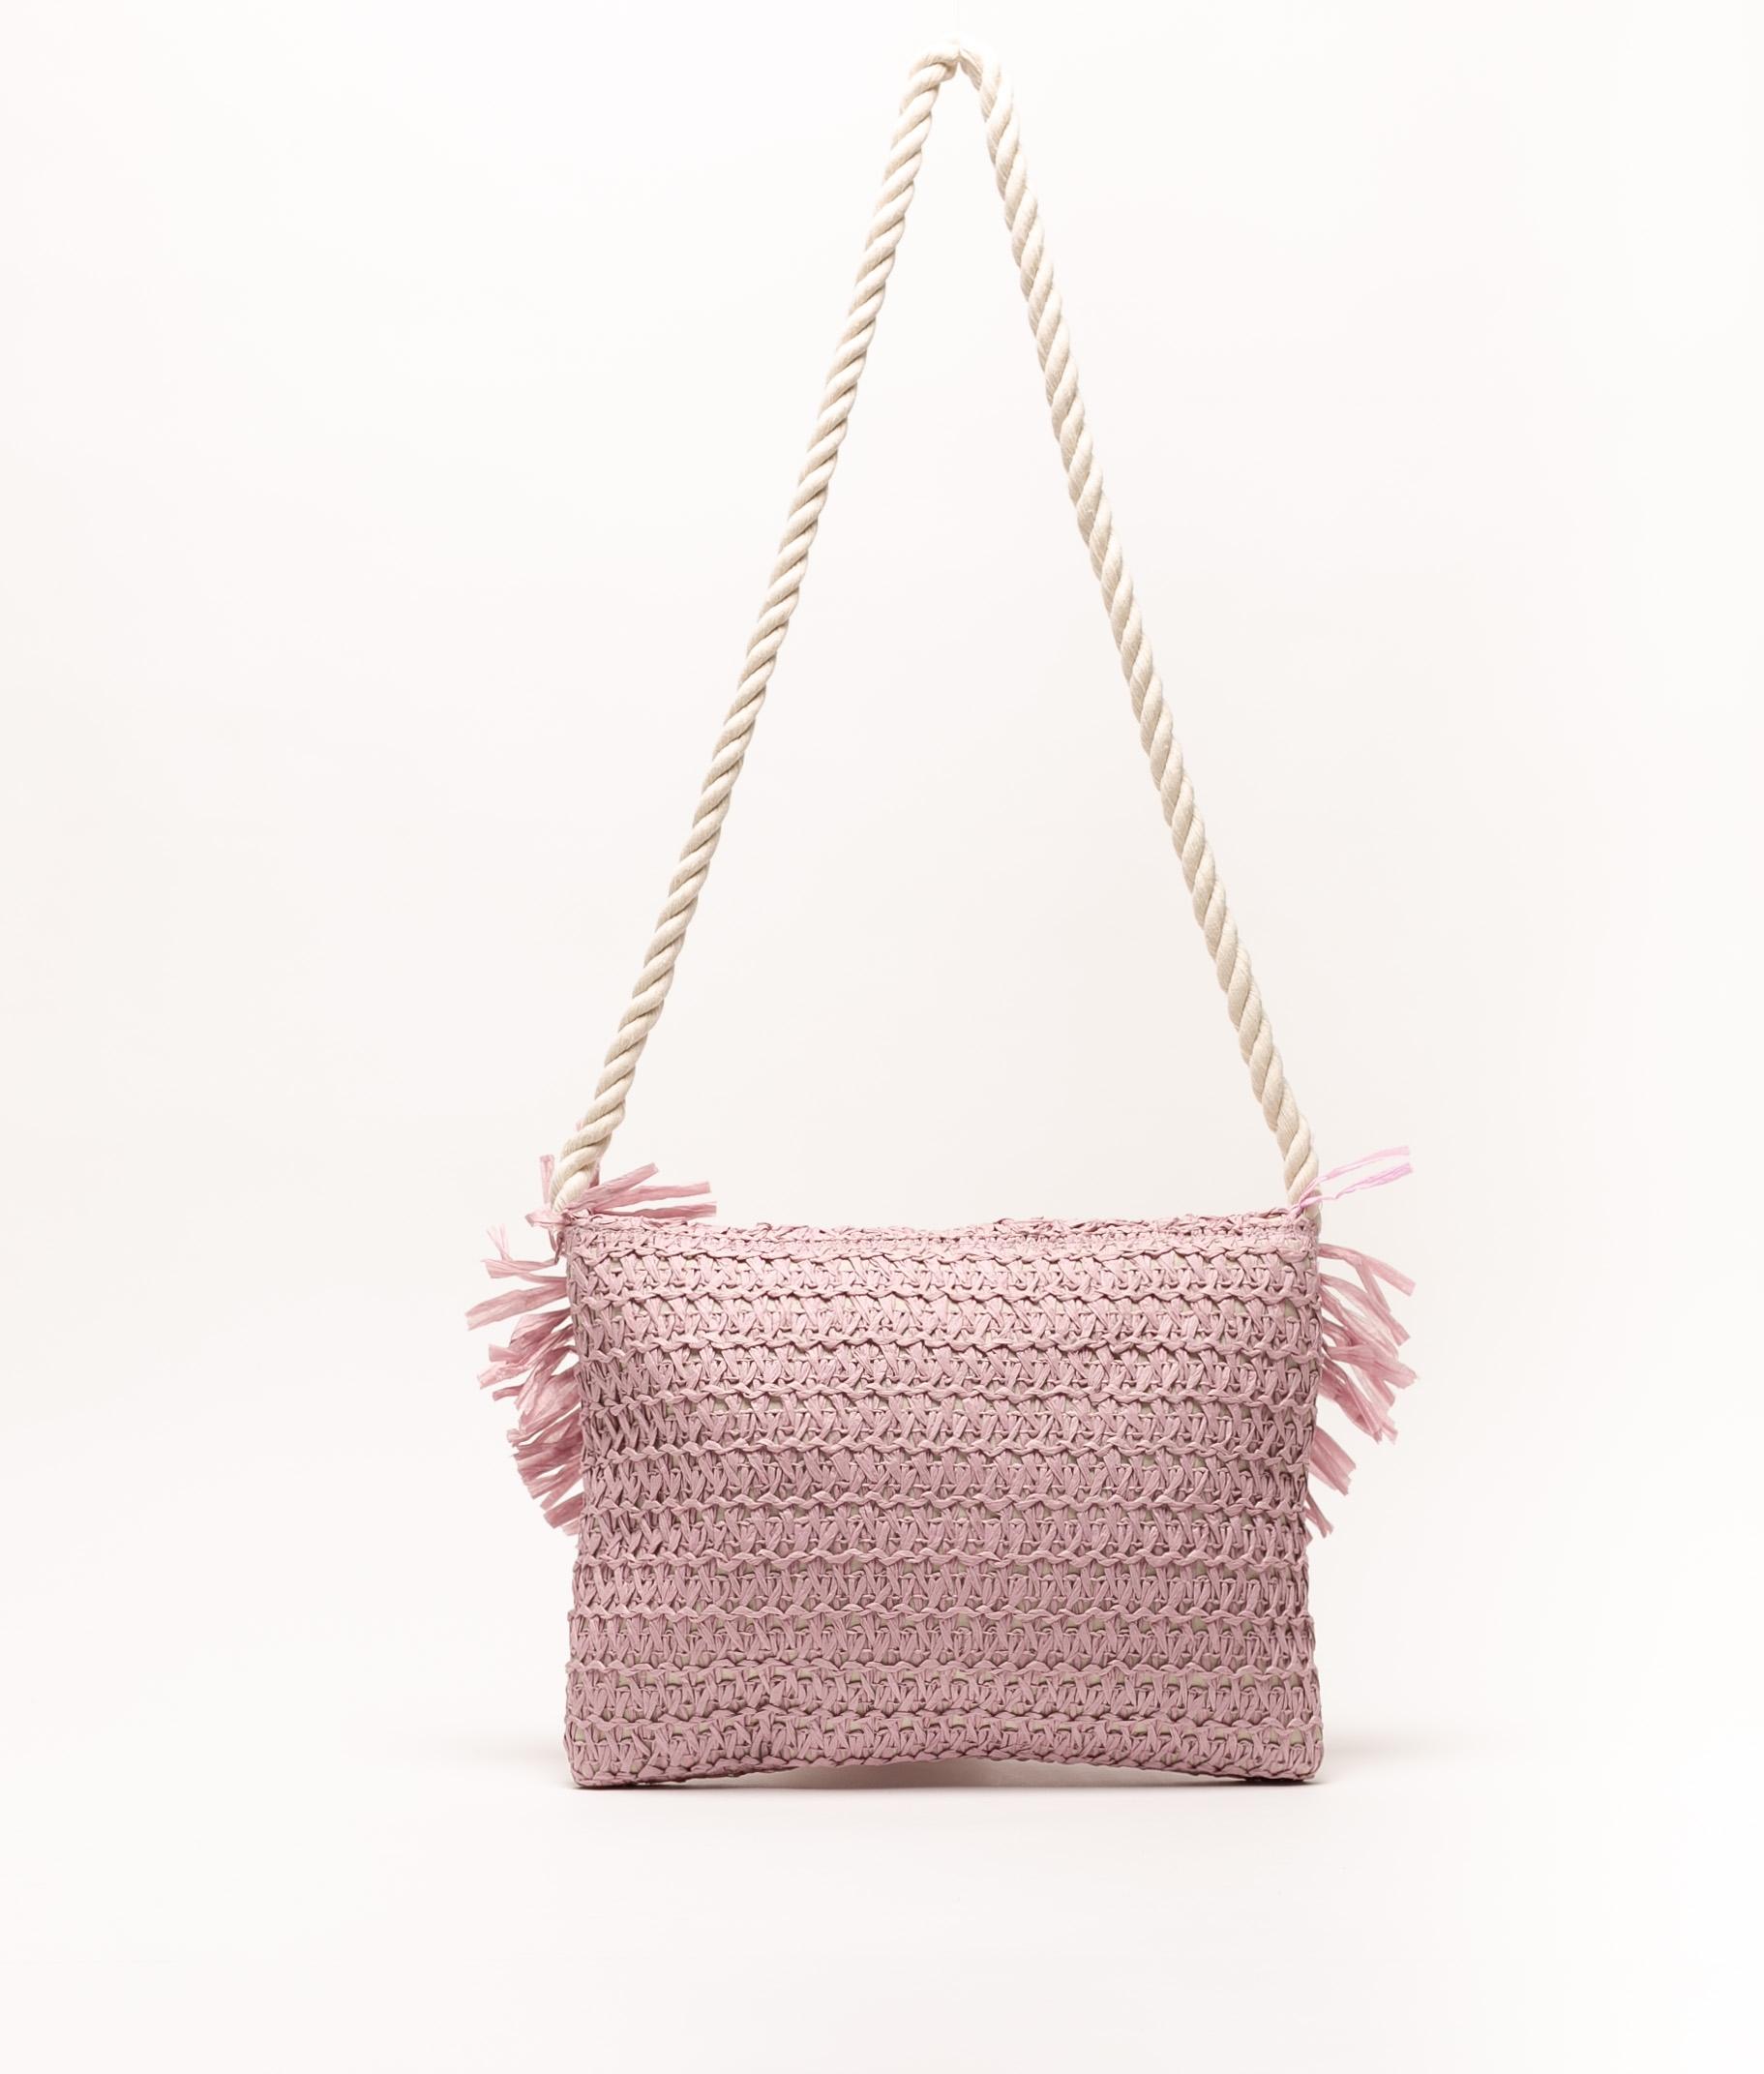 MACARY BAG - PURPLE